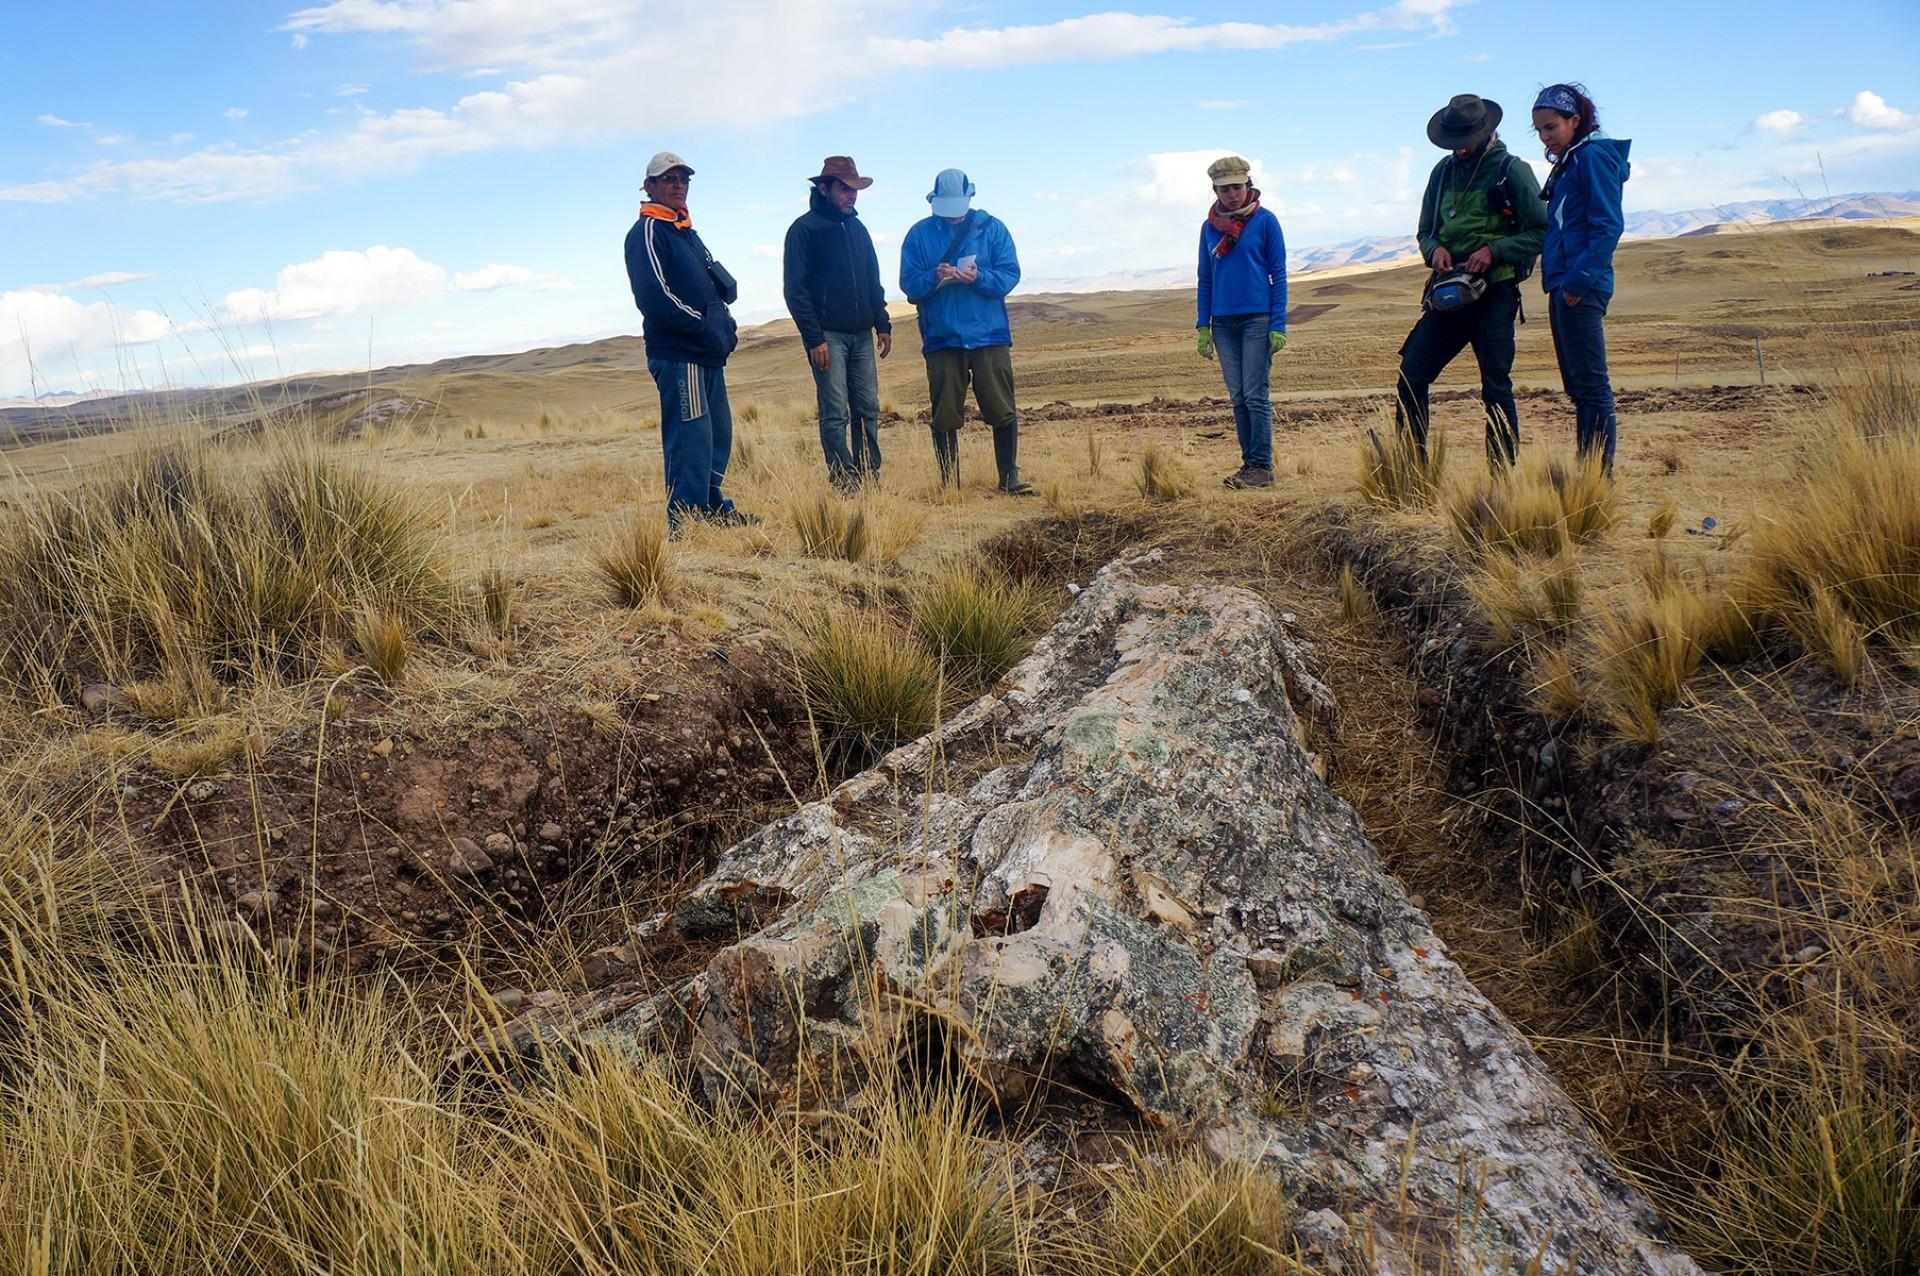 ペルーで発見された1000万年前の「巨木の化石」から、既存の古代気候モデルの予想と異なる証拠が見つかる!の画像 1/4